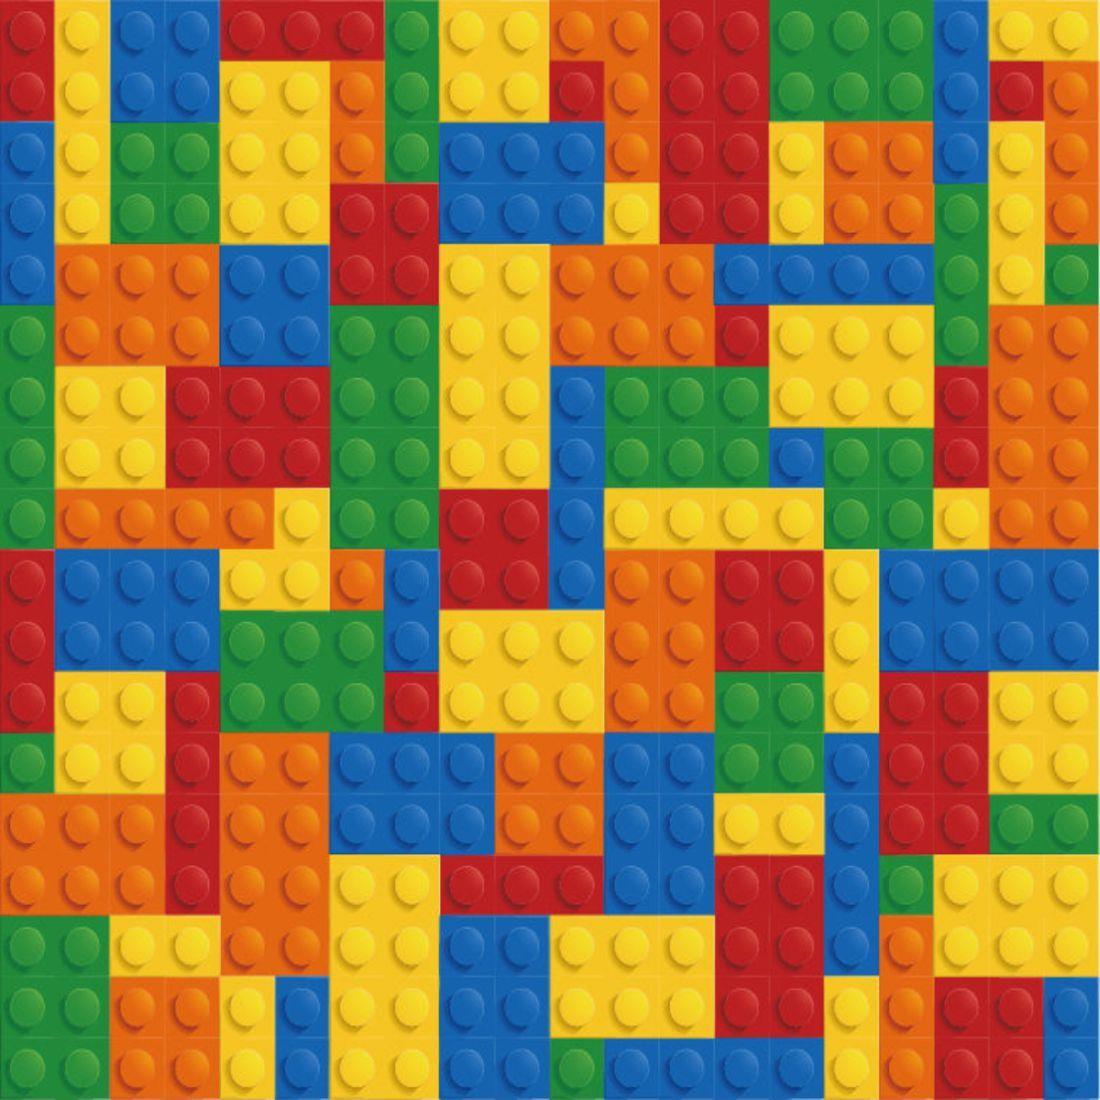 Papel de parede lego decor crie decore elo7 - Paredes de papel ...